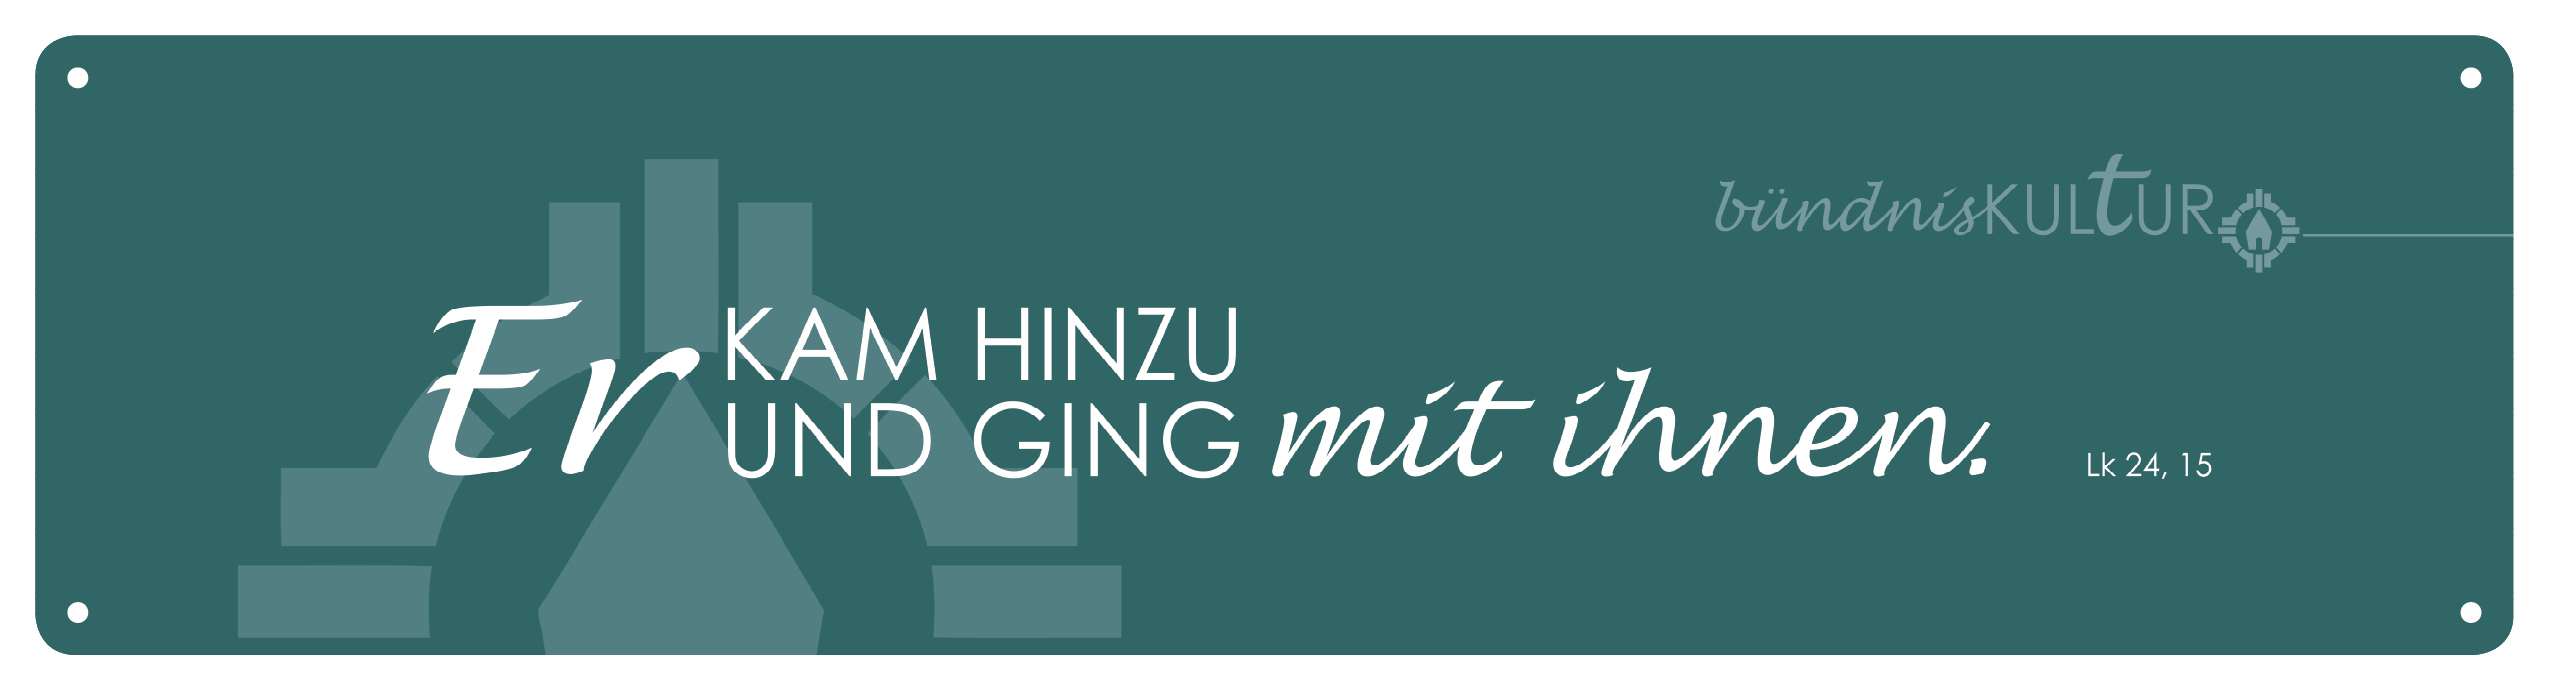 Jahresmotto-Plakat der Schönstatt-Bewegung 2017